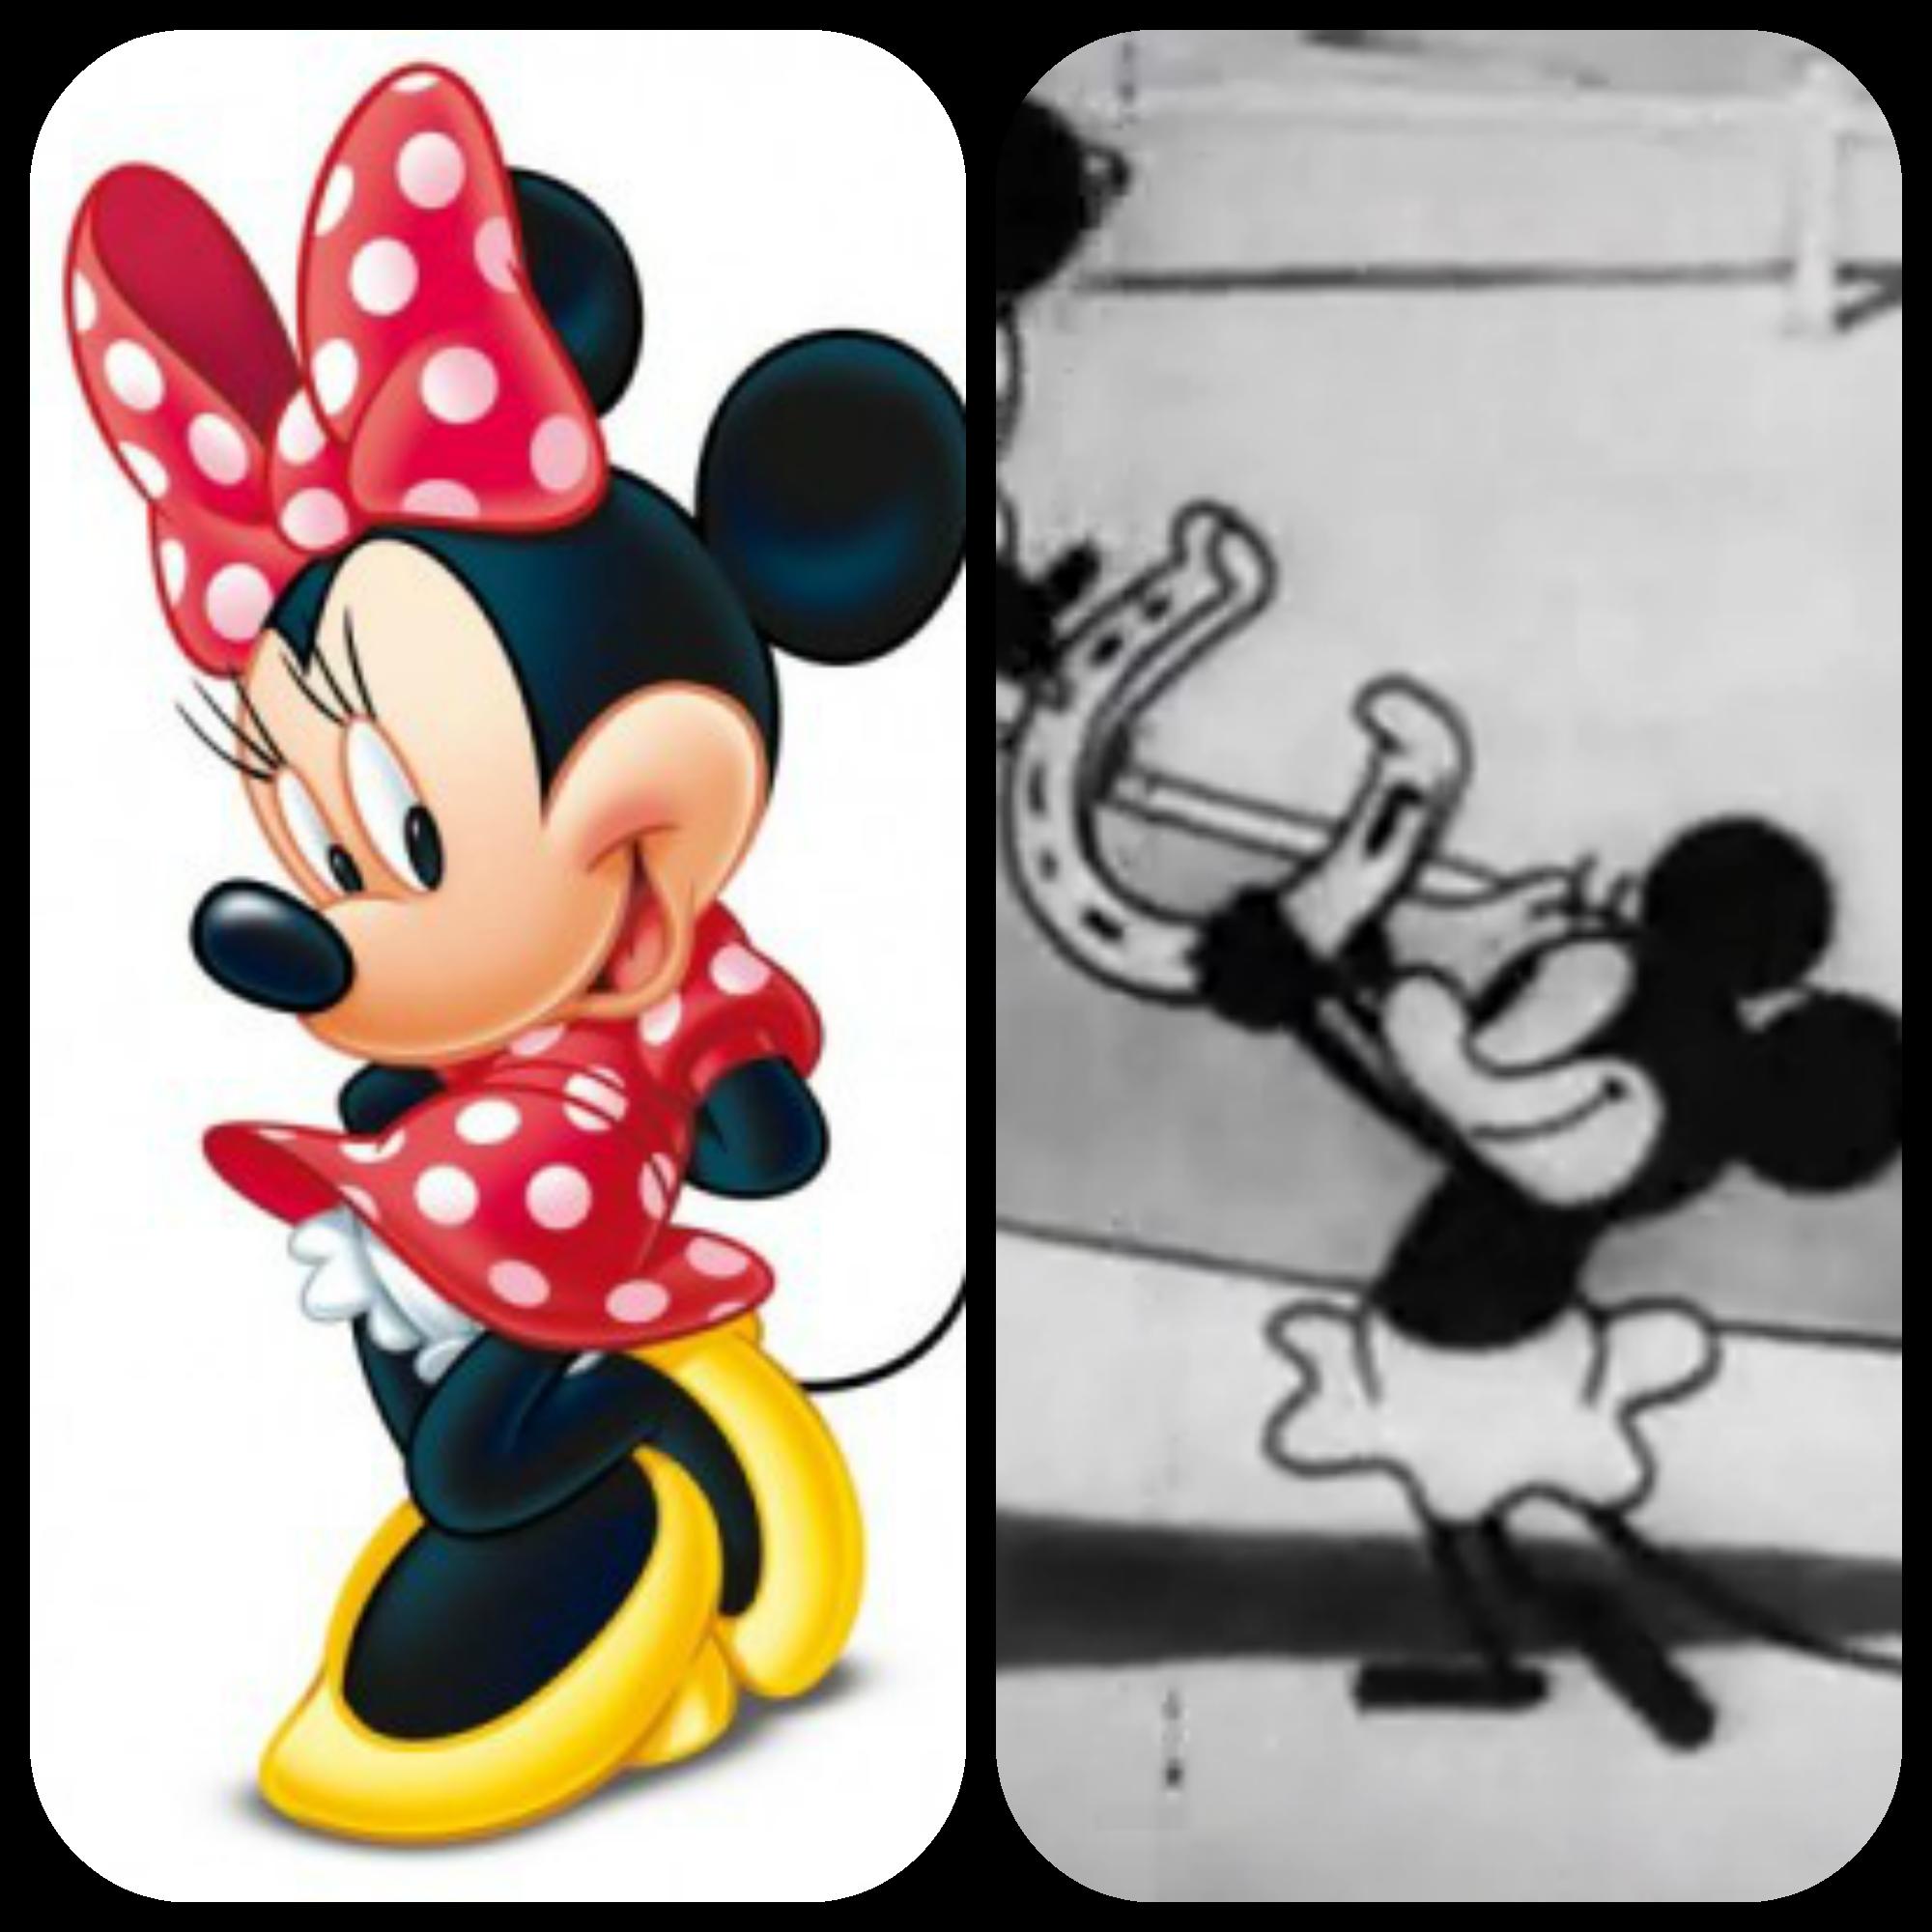 Historia de nuestros personajes conoce un poco m s a la famosa minnie mouse disney bainba blog - Le blog de mimi ...